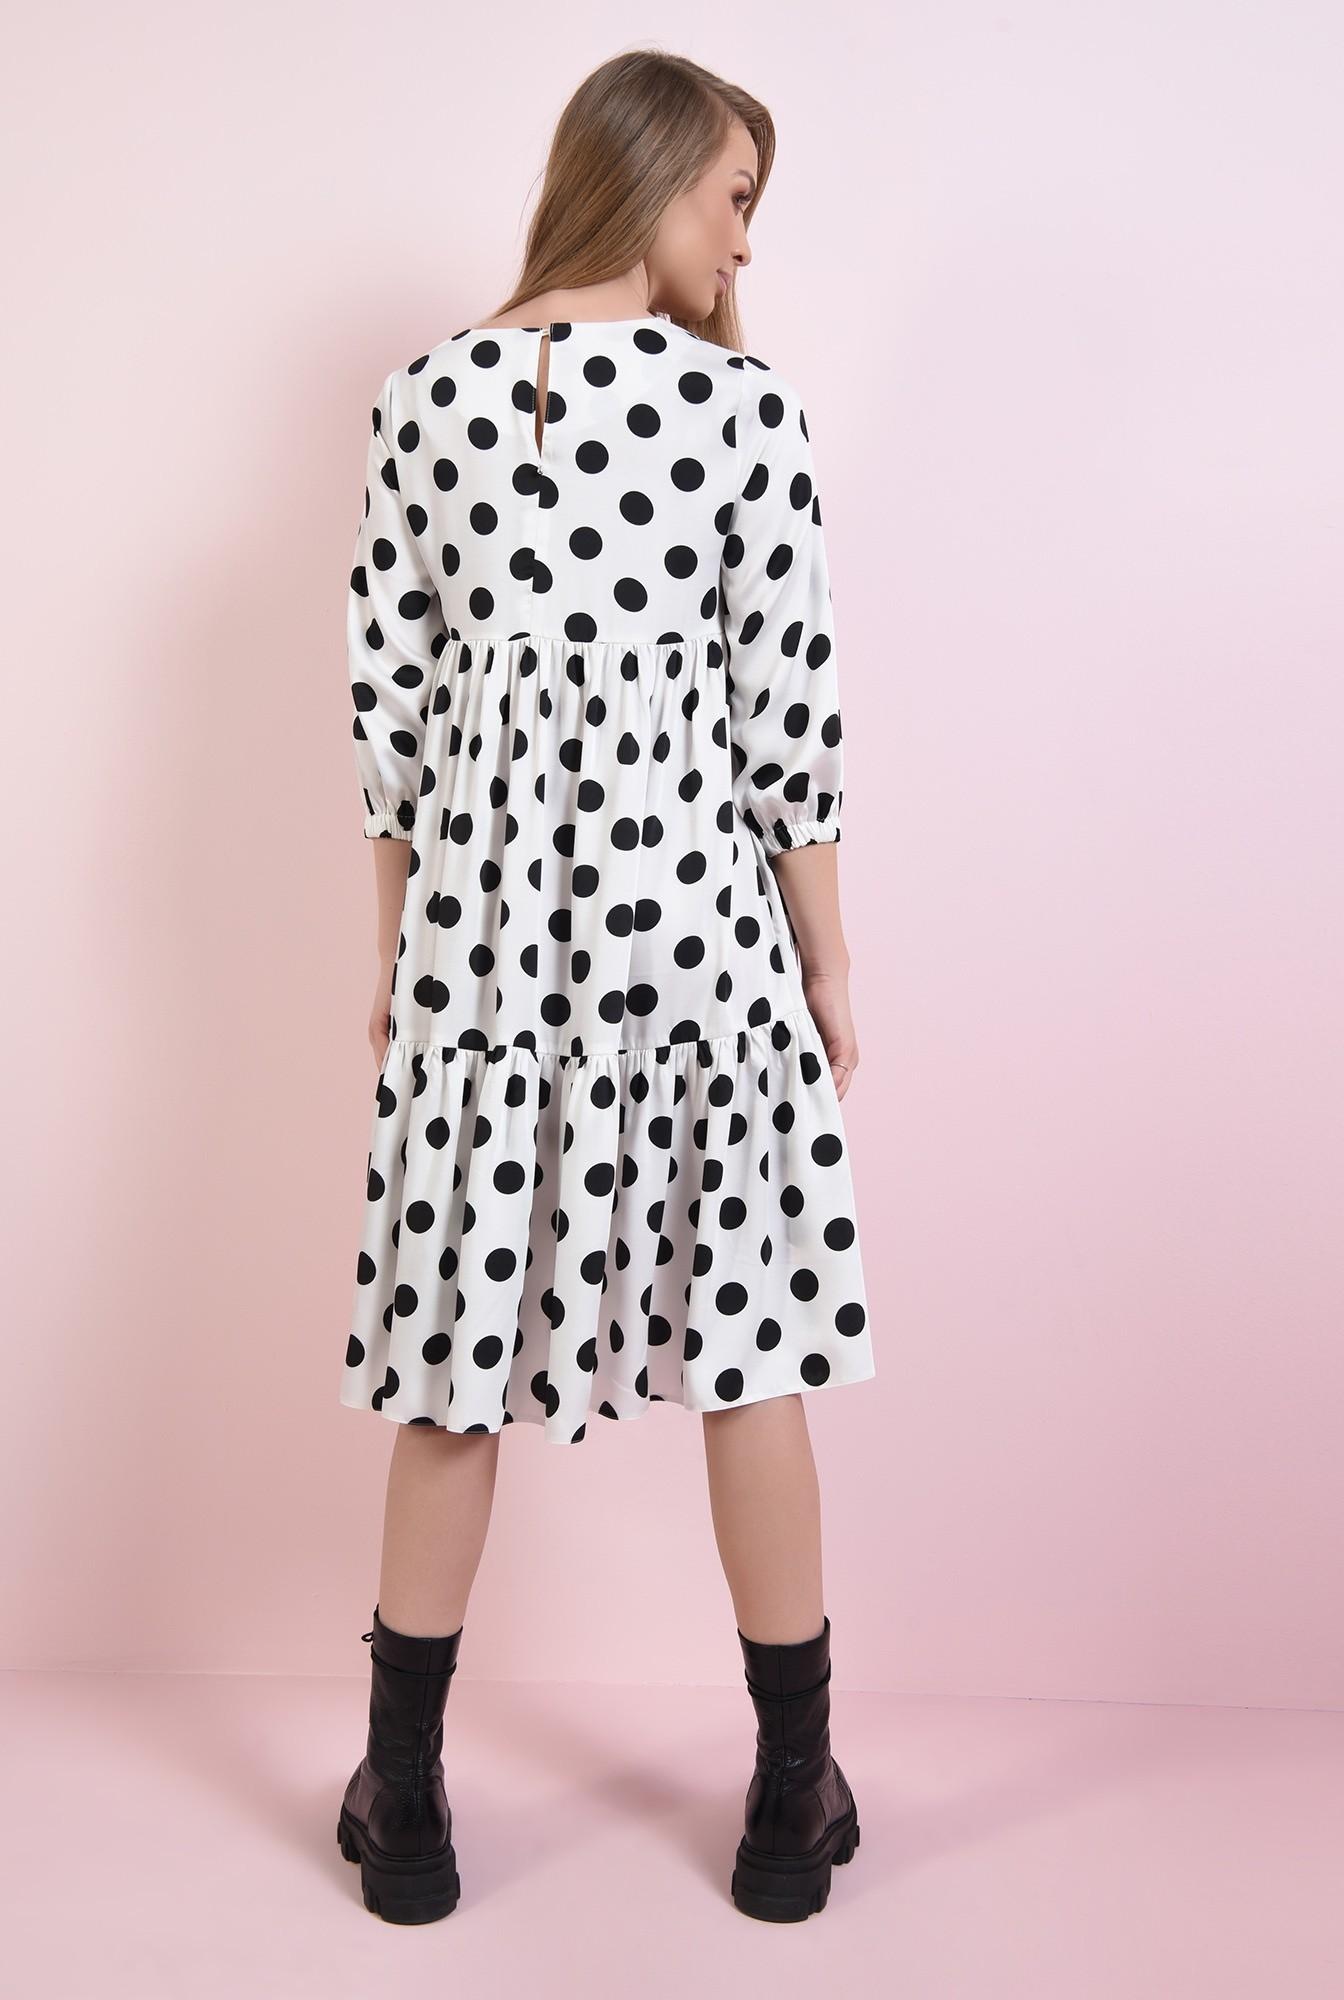 1 - rochie alba, cu buline negre